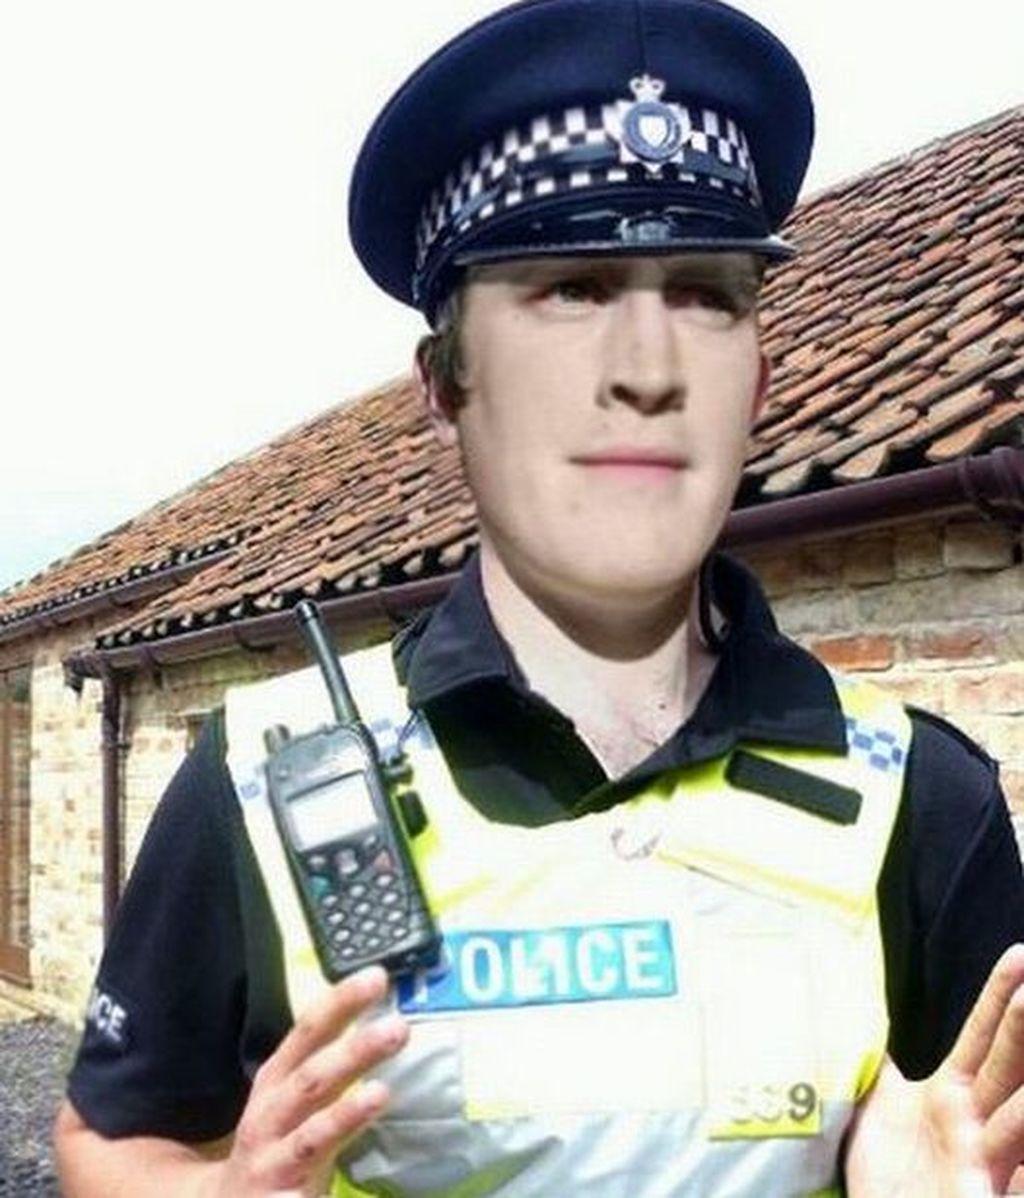 La foto manipulada con Photosohop por Jay para fingir ser un policía